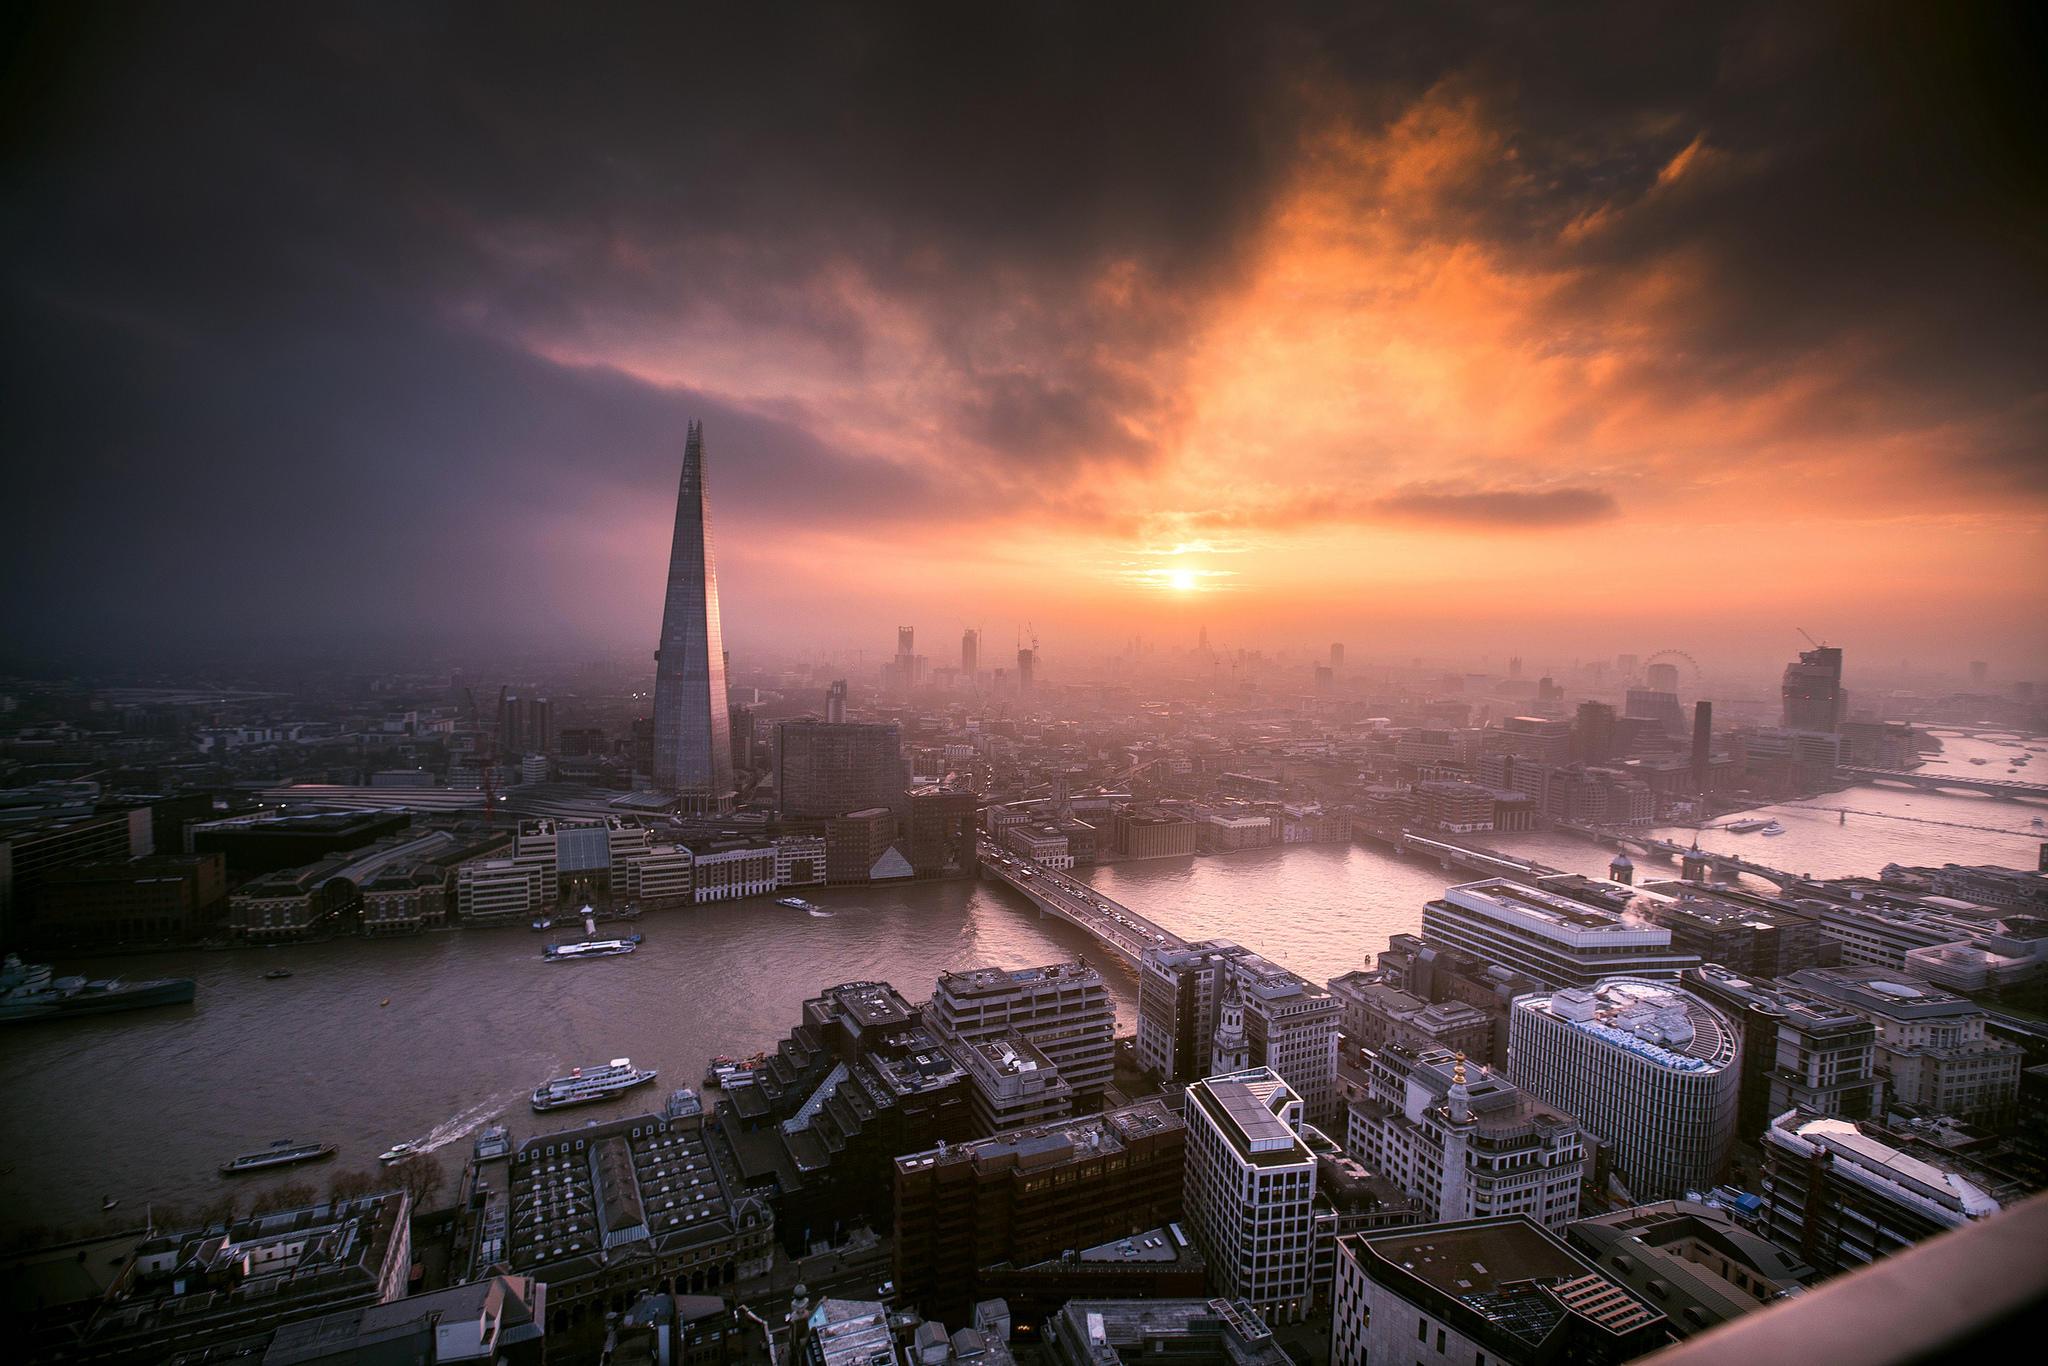 обои London, Лондон, закат картинки фото